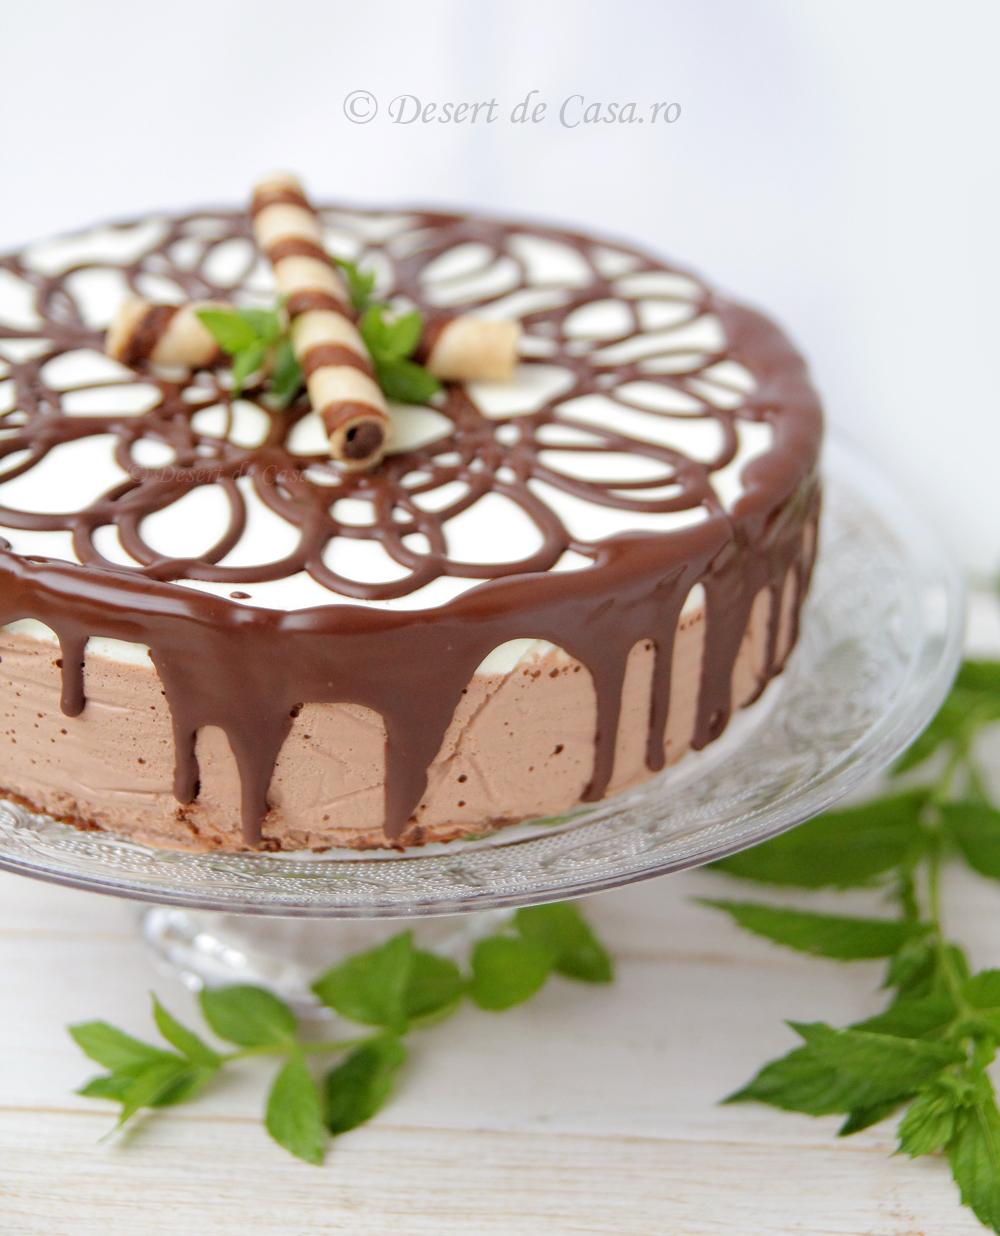 tort-cu-mousse-de-ciocolata-1